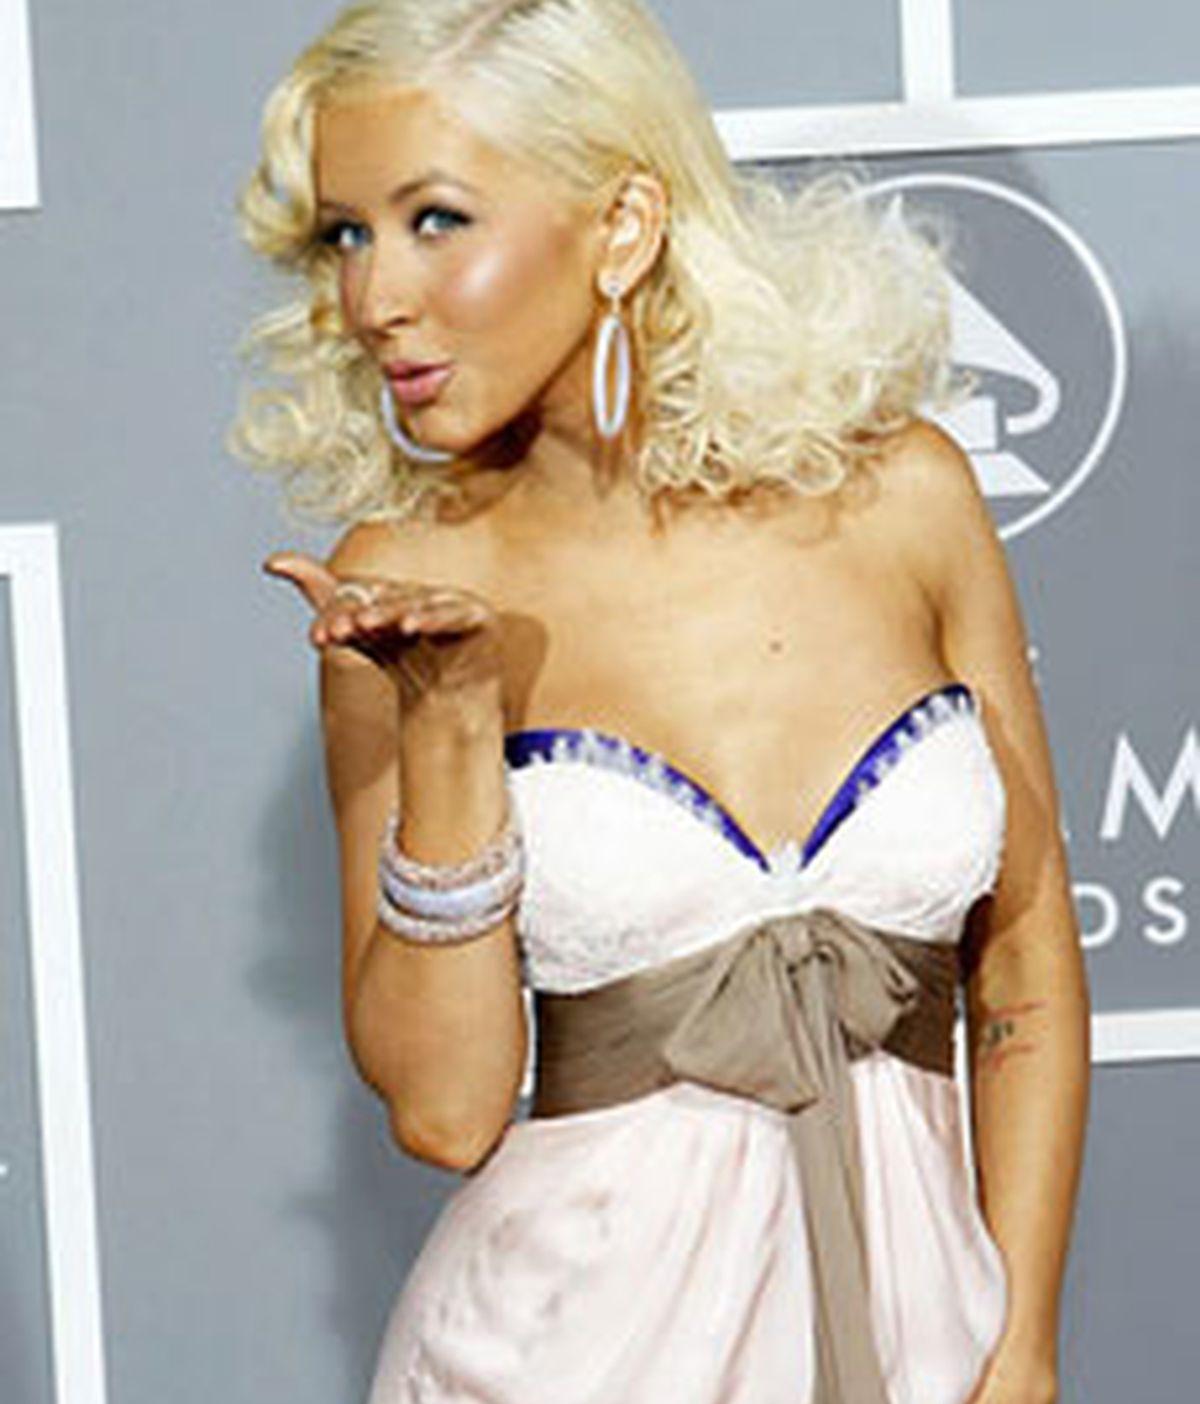 La cantante Cristina Aguilera en la foto. Johnny Sharp, pone sus canciones de ejemplo de las que más reitera temas bastante manidos en el pop.